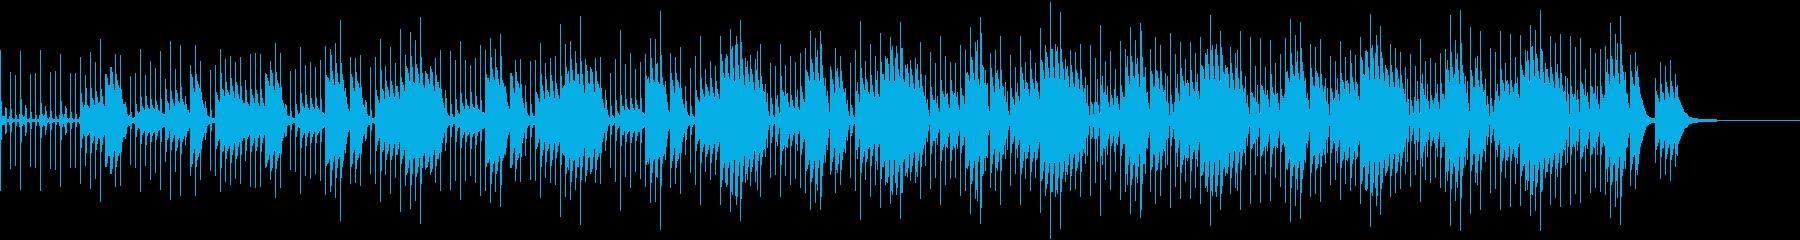 子供向けクイズにぴったりなBGMの再生済みの波形